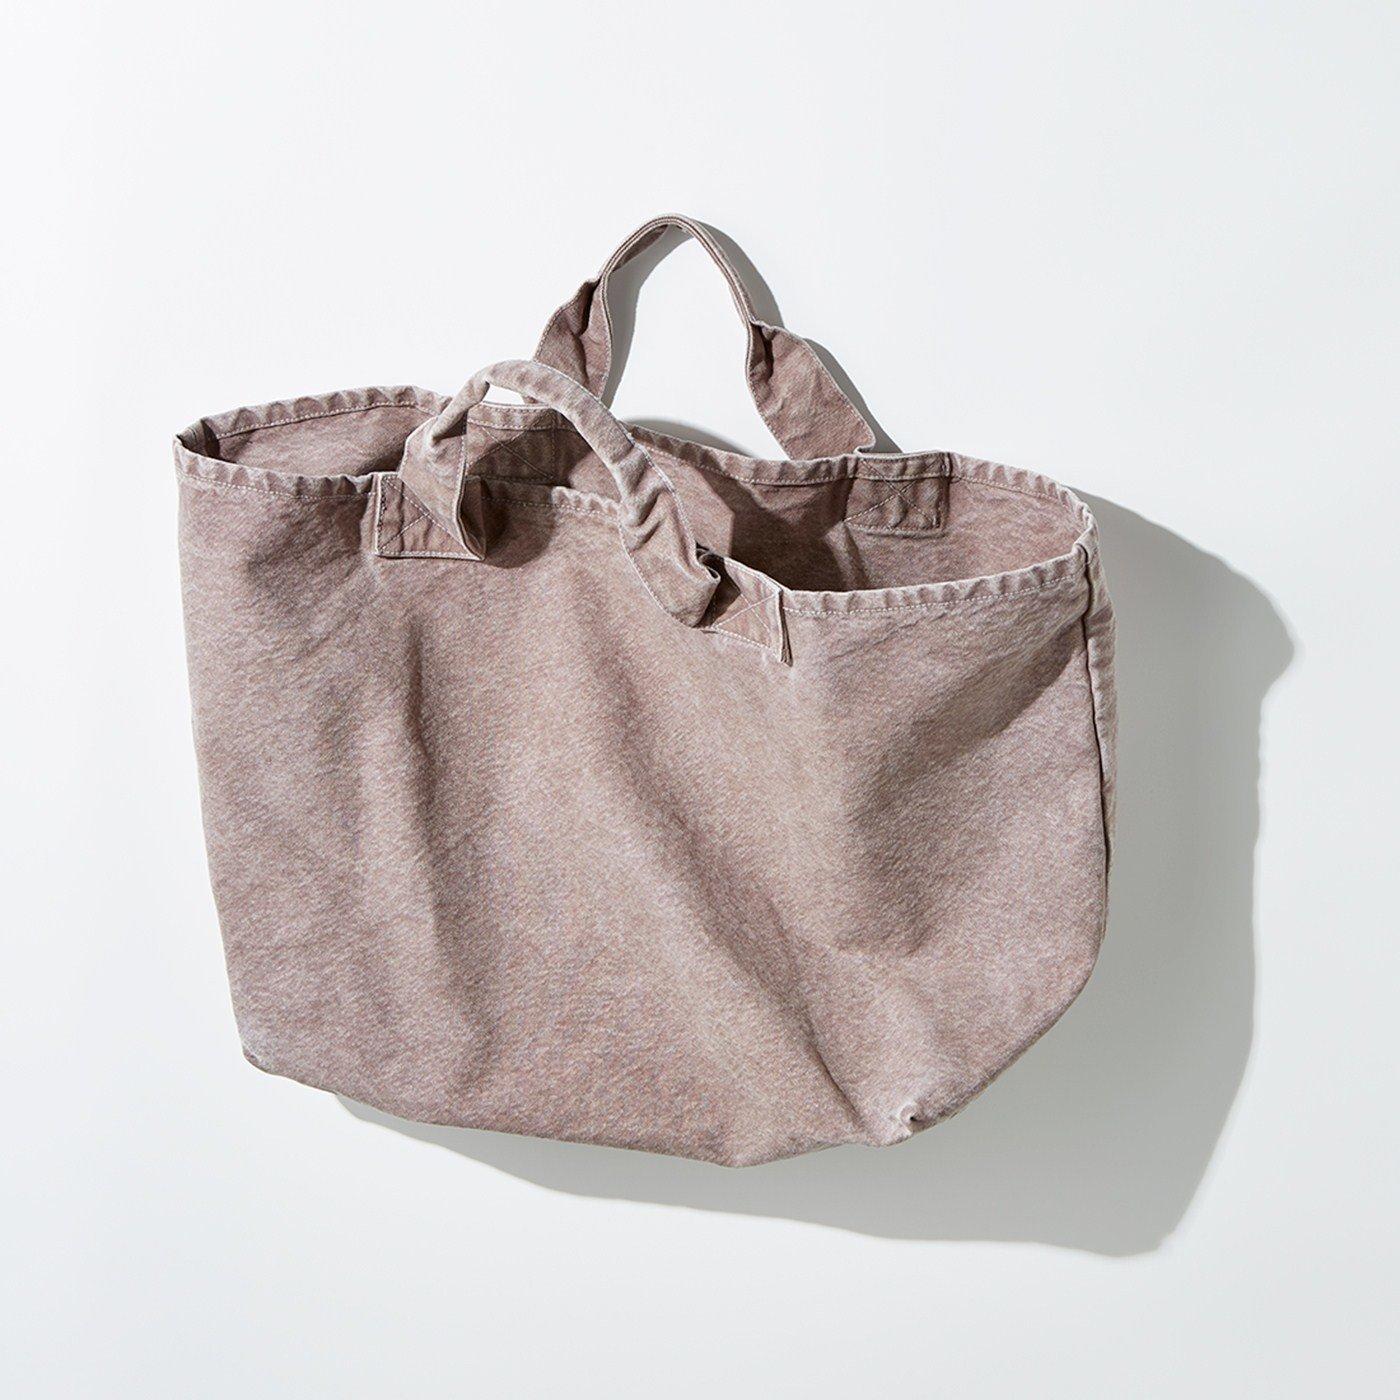 MEDE19F 製品染めコールバッグ〈ピンク〉